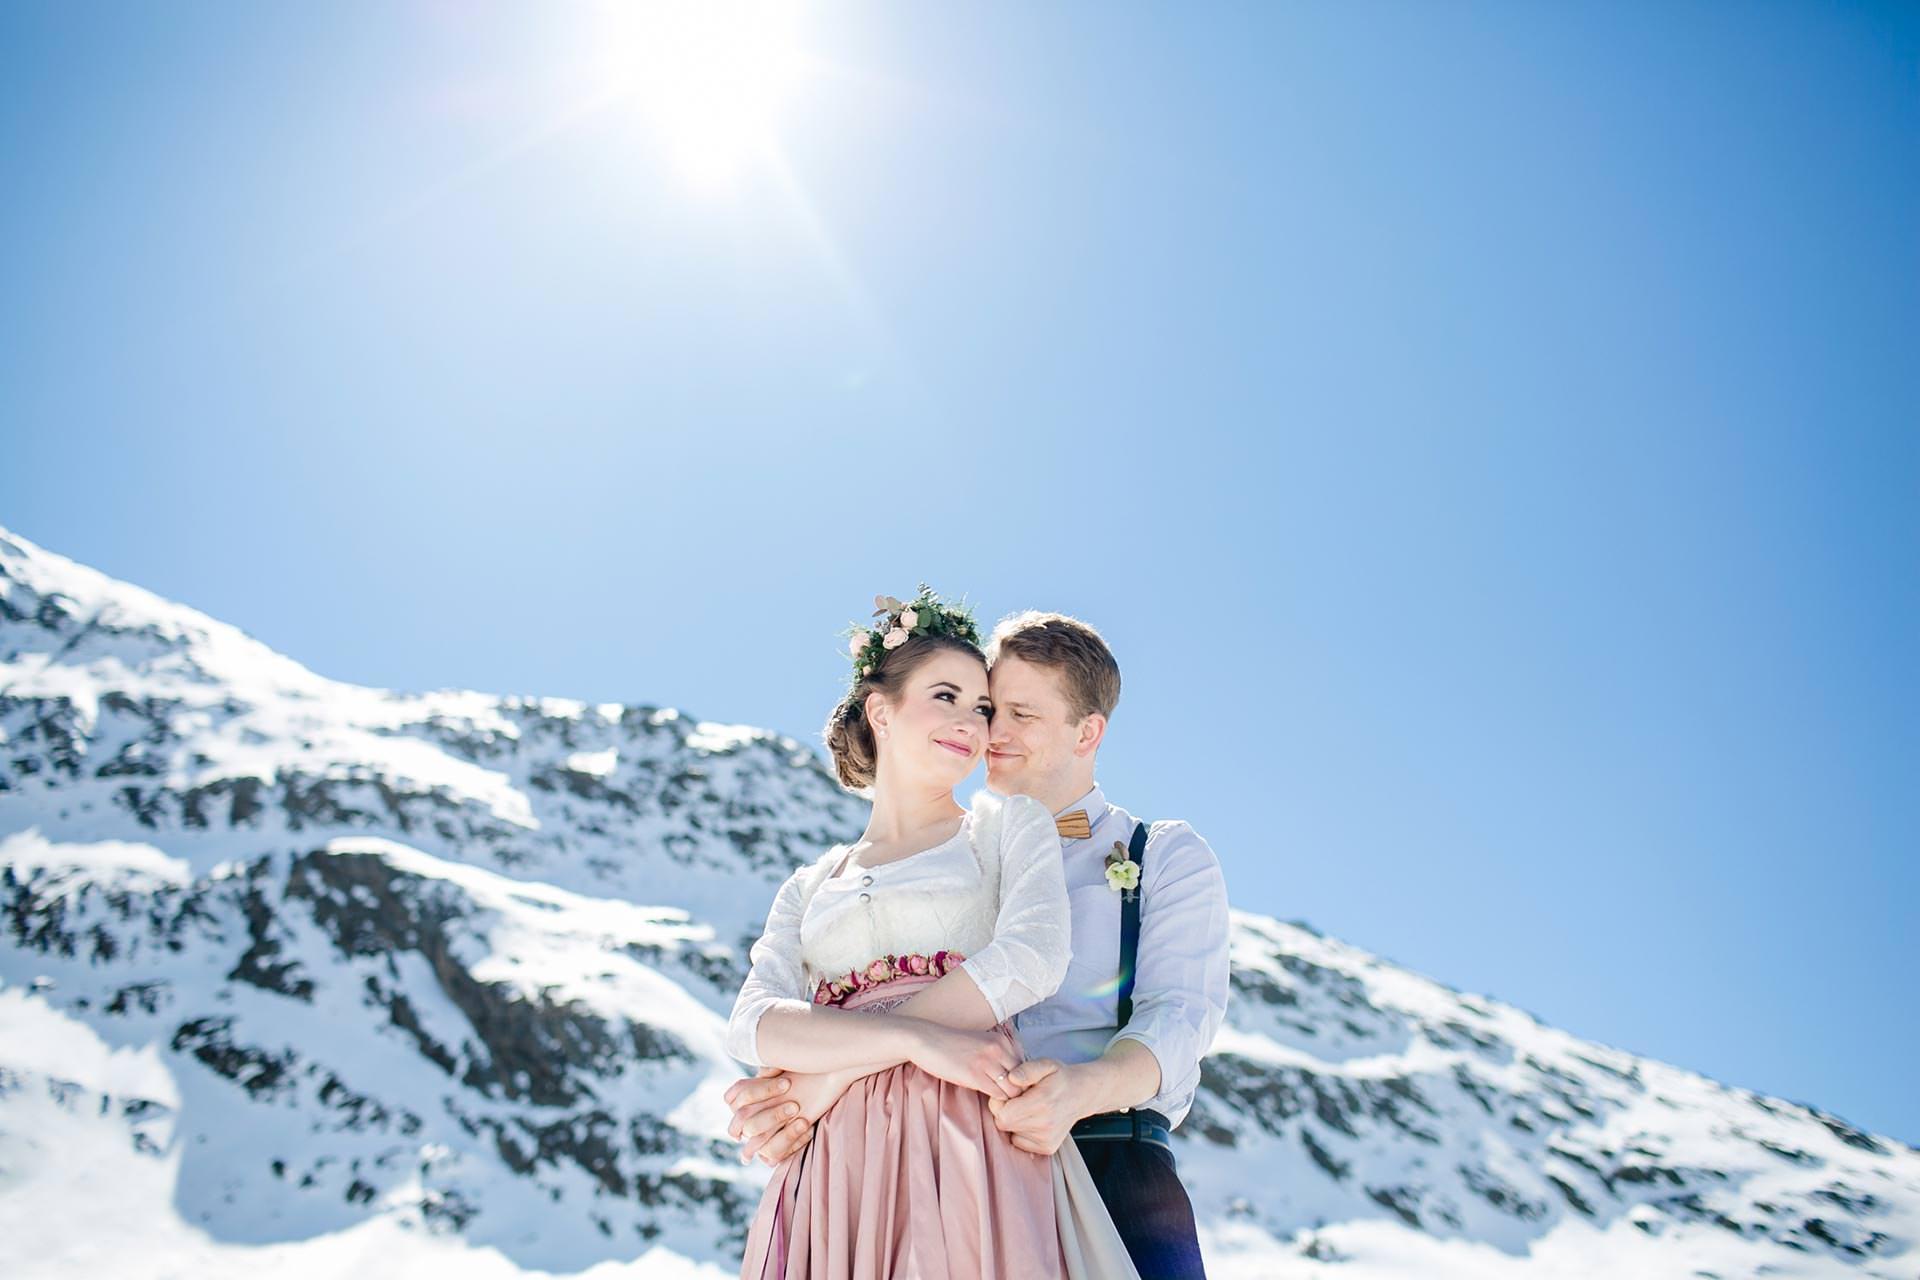 Job Stories, Karriere-Interview, Hochzeitsfotografin Andrea Fichtel, Tirol, Südtirol, Hochzeitsblog, Lifestyle Magazin, Blog, www.whoismocca.com